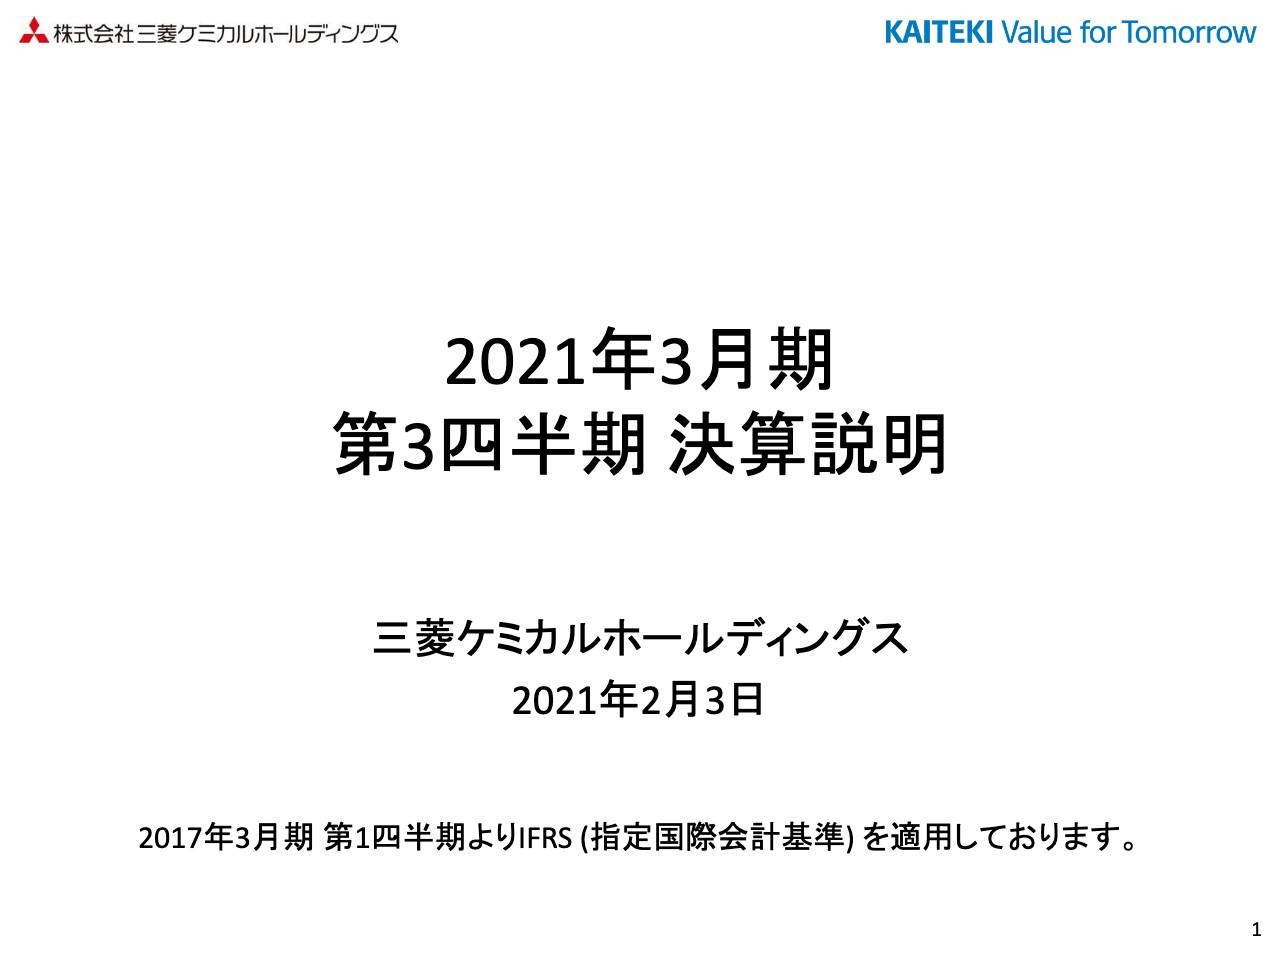 三菱ケミカルHD、3Qは減収減益 新型コロナの影響を大きく受けコア営業利益は前期比−37%で着地